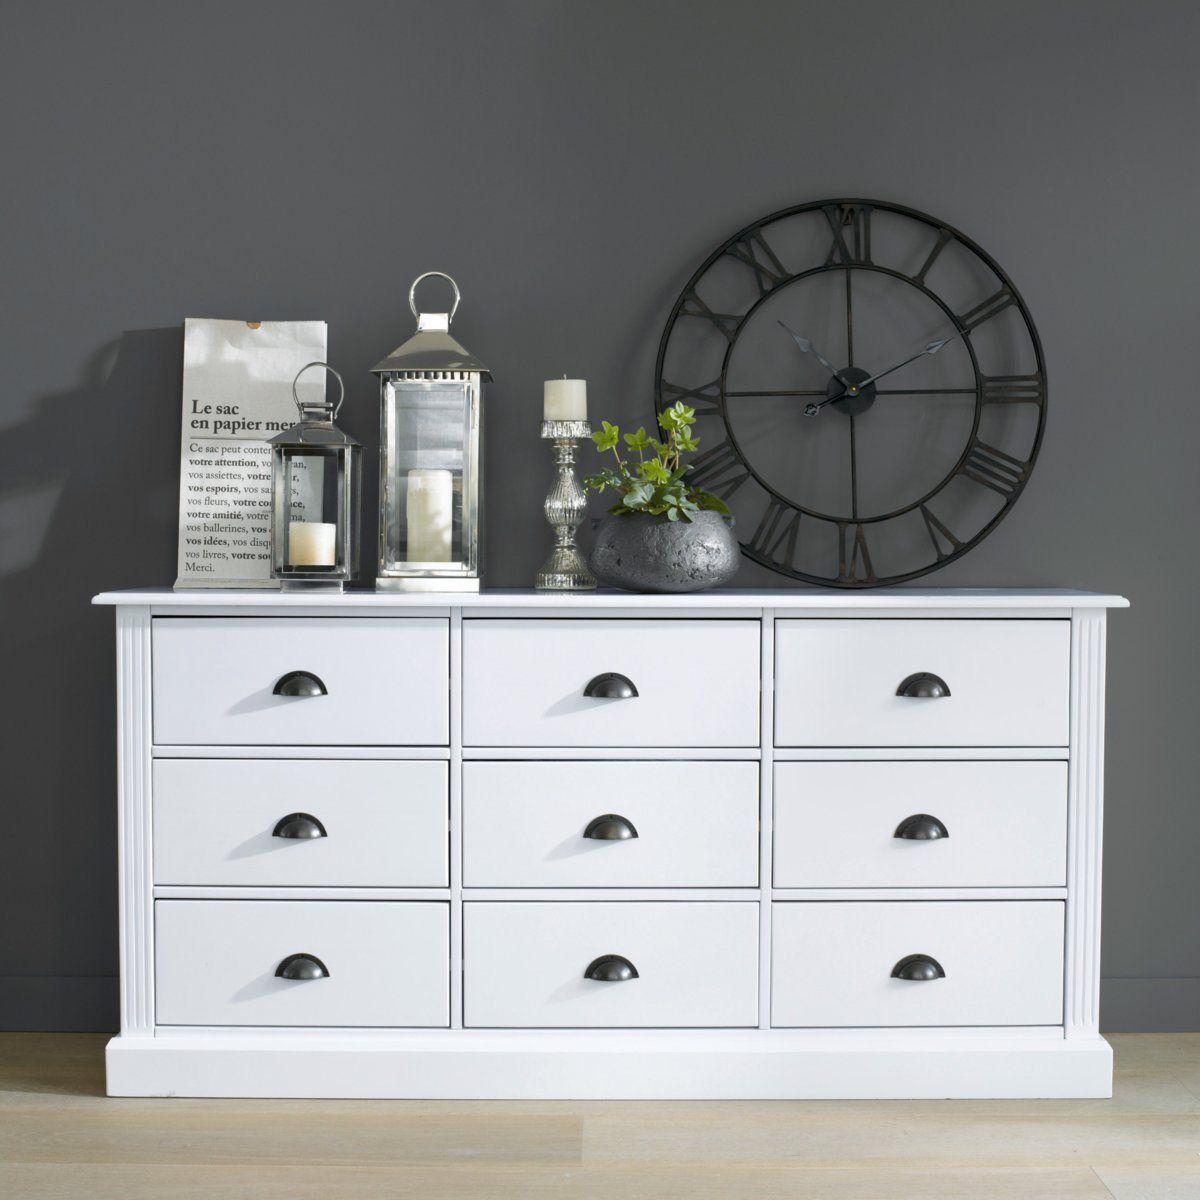 meubles la redoute authentic style - meuble de mercerie pin massif authentic style pin